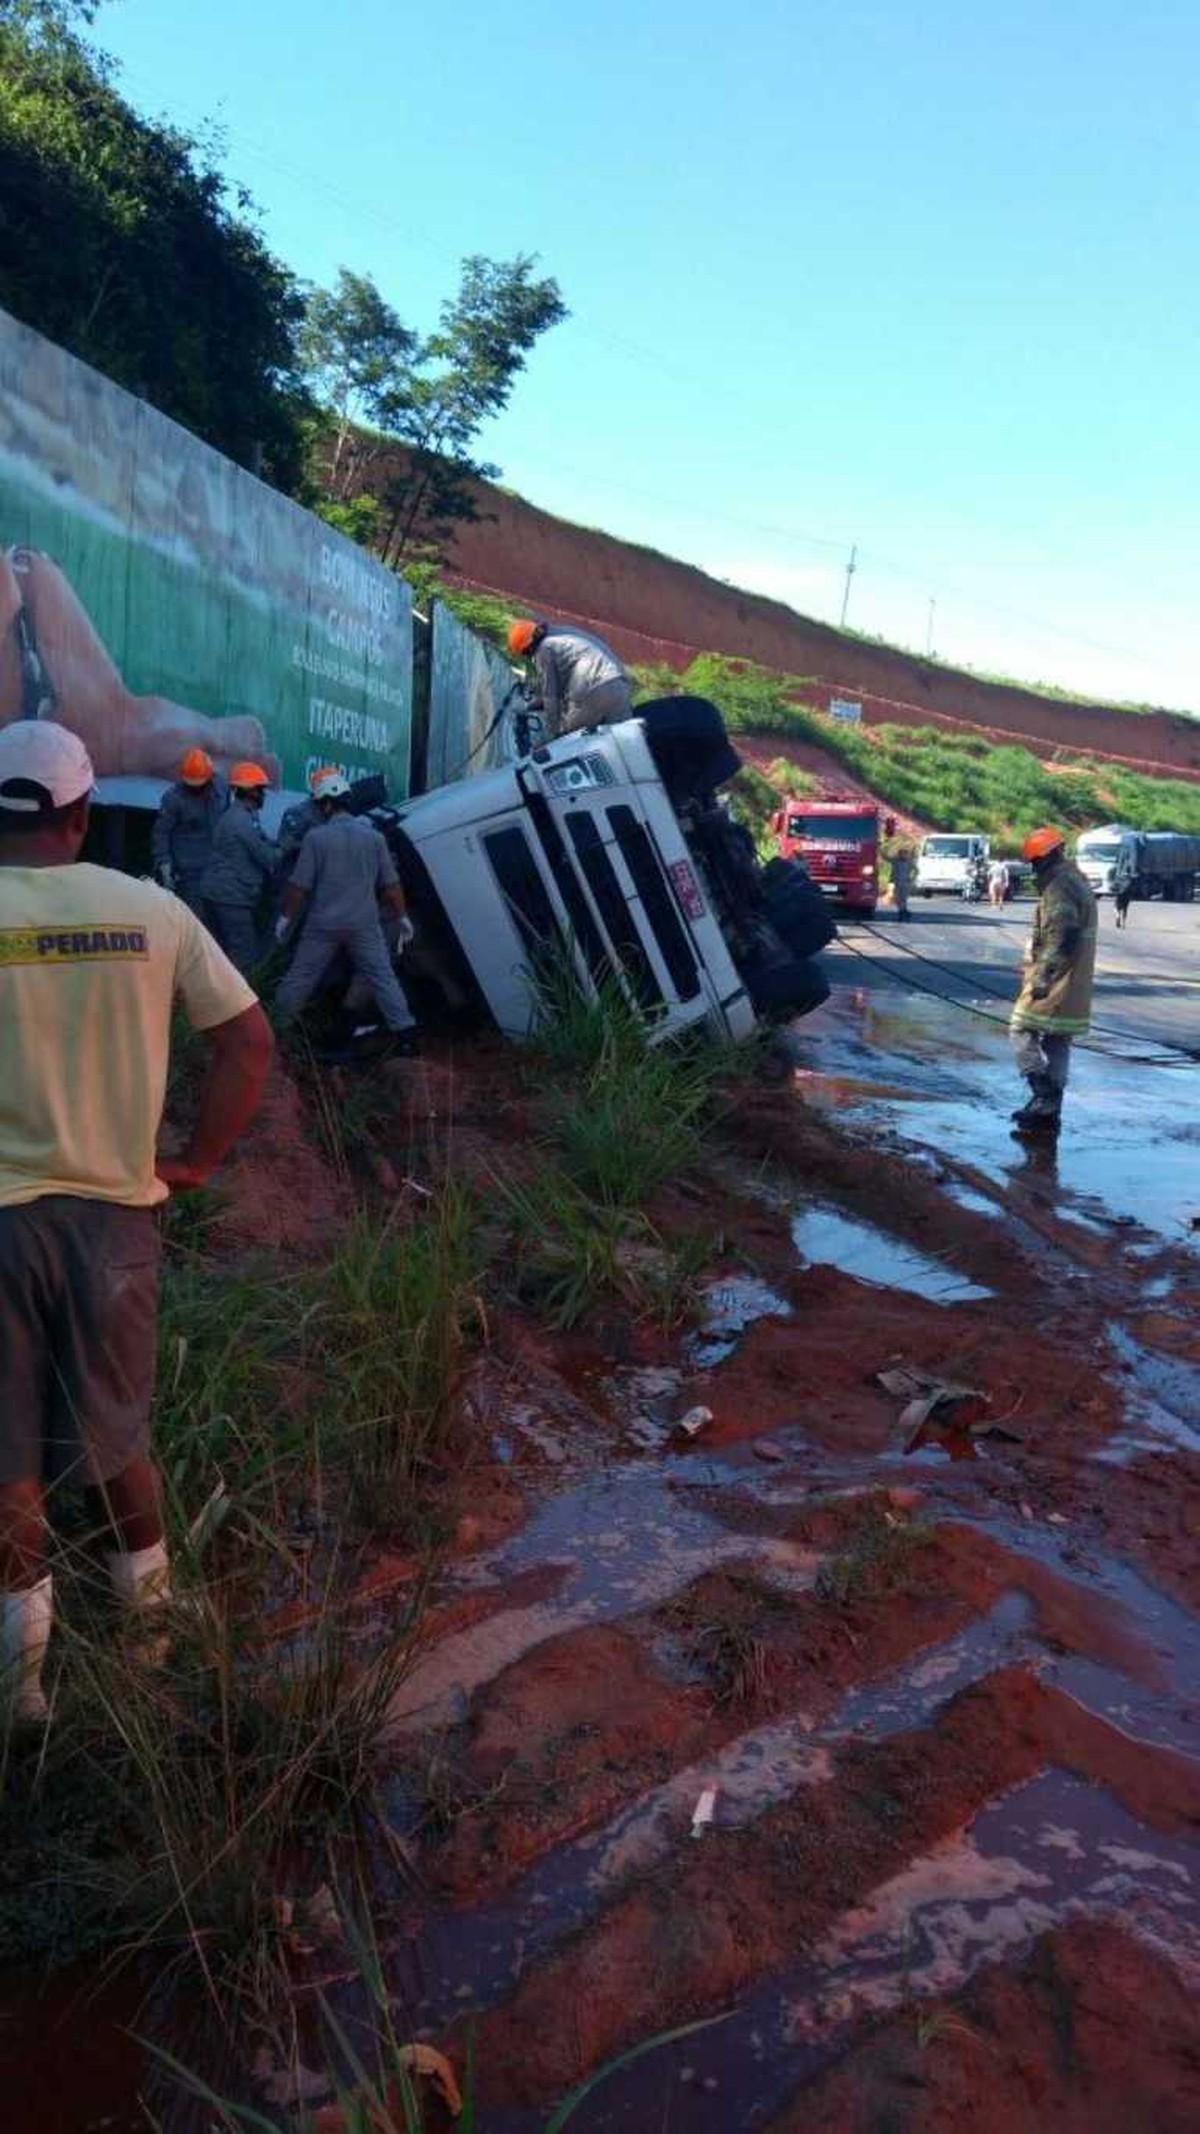 Caminhoneiro morre após carreta tombar na RJ-186, em Bom Jesus do Itabapoana